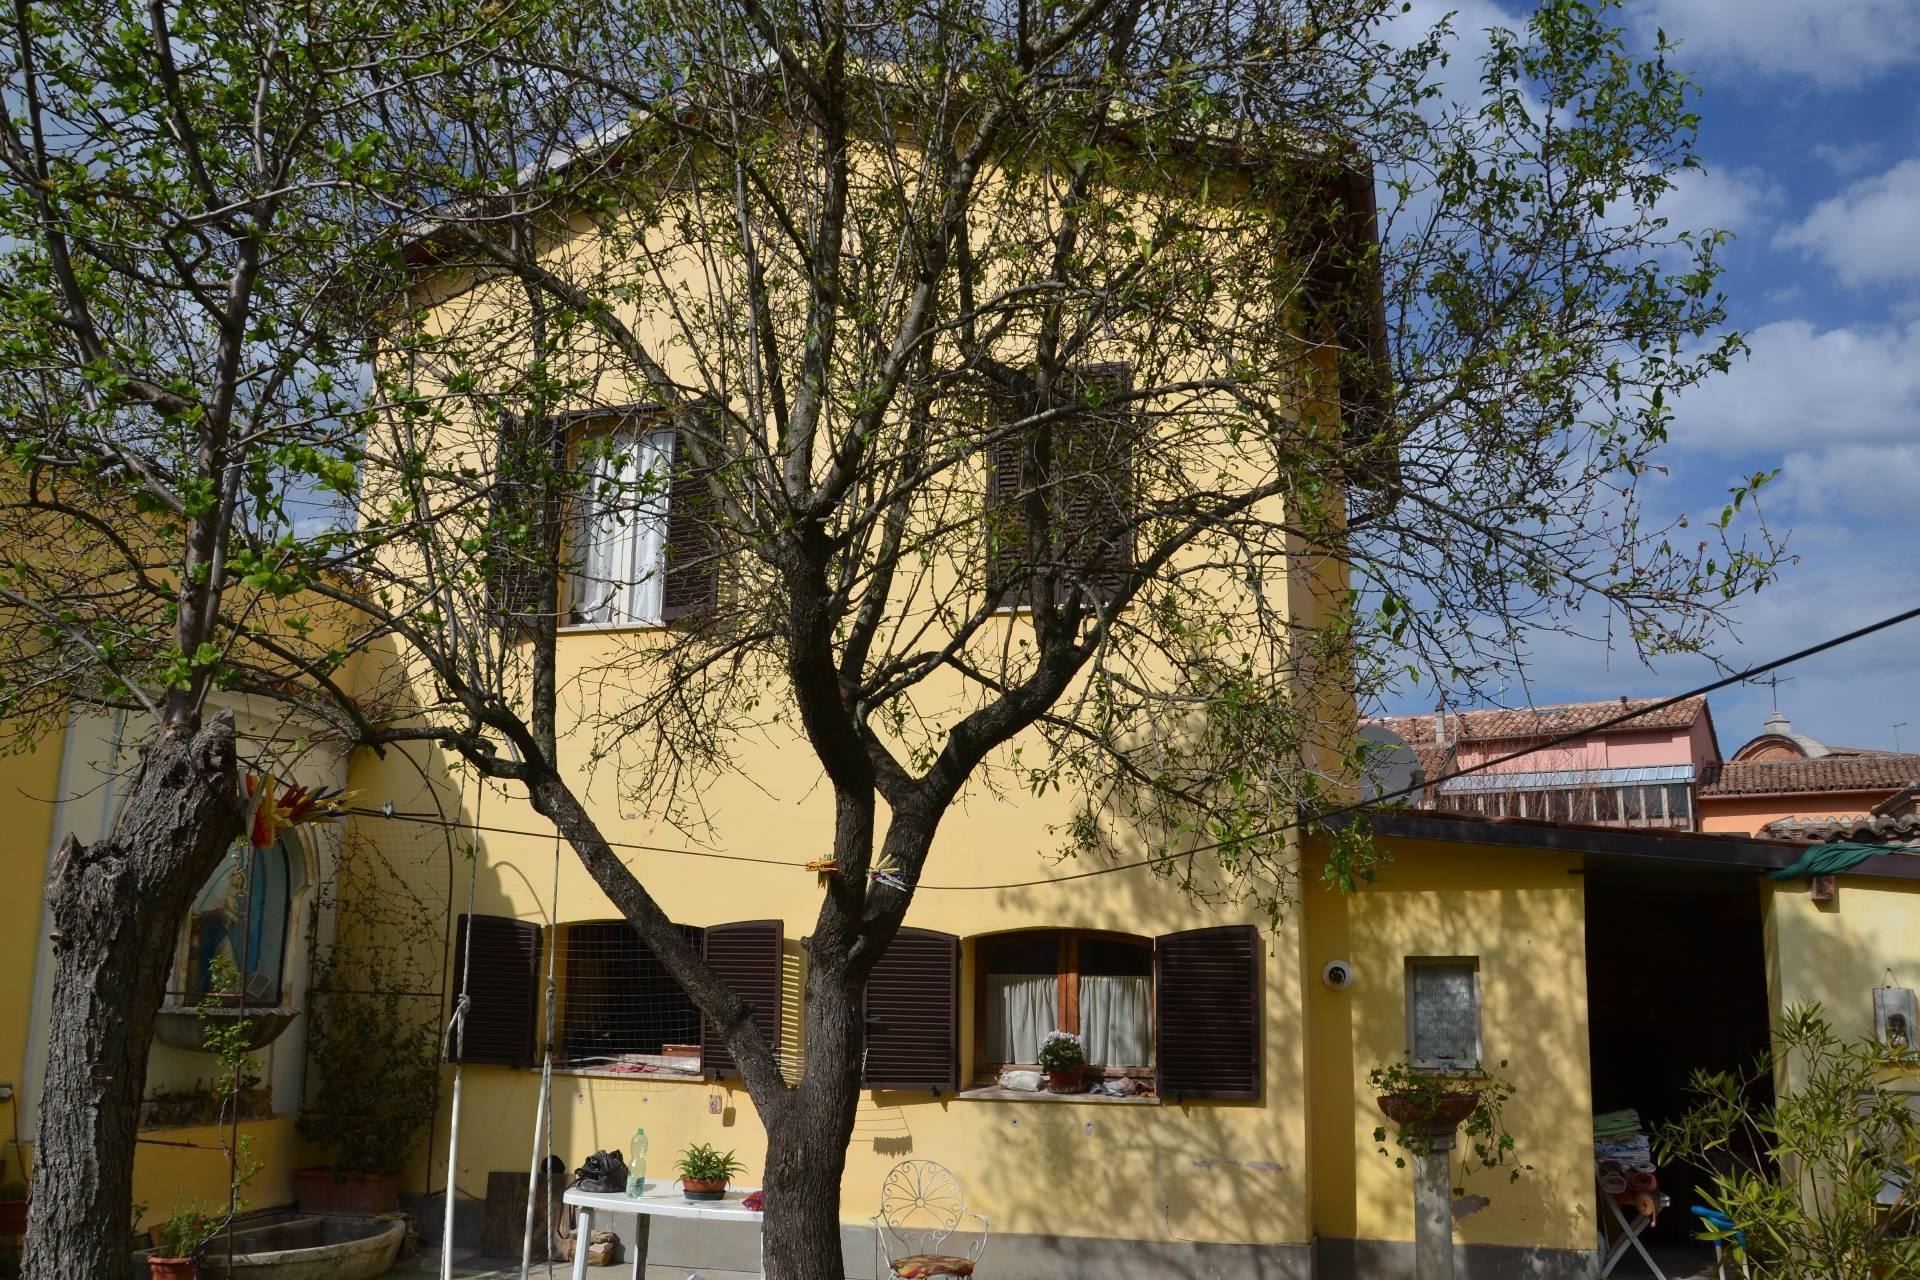 Soluzione Indipendente in vendita a Fabriano, 3 locali, zona Località: CENTROSTORICO, Trattative riservate | Cambio Casa.it